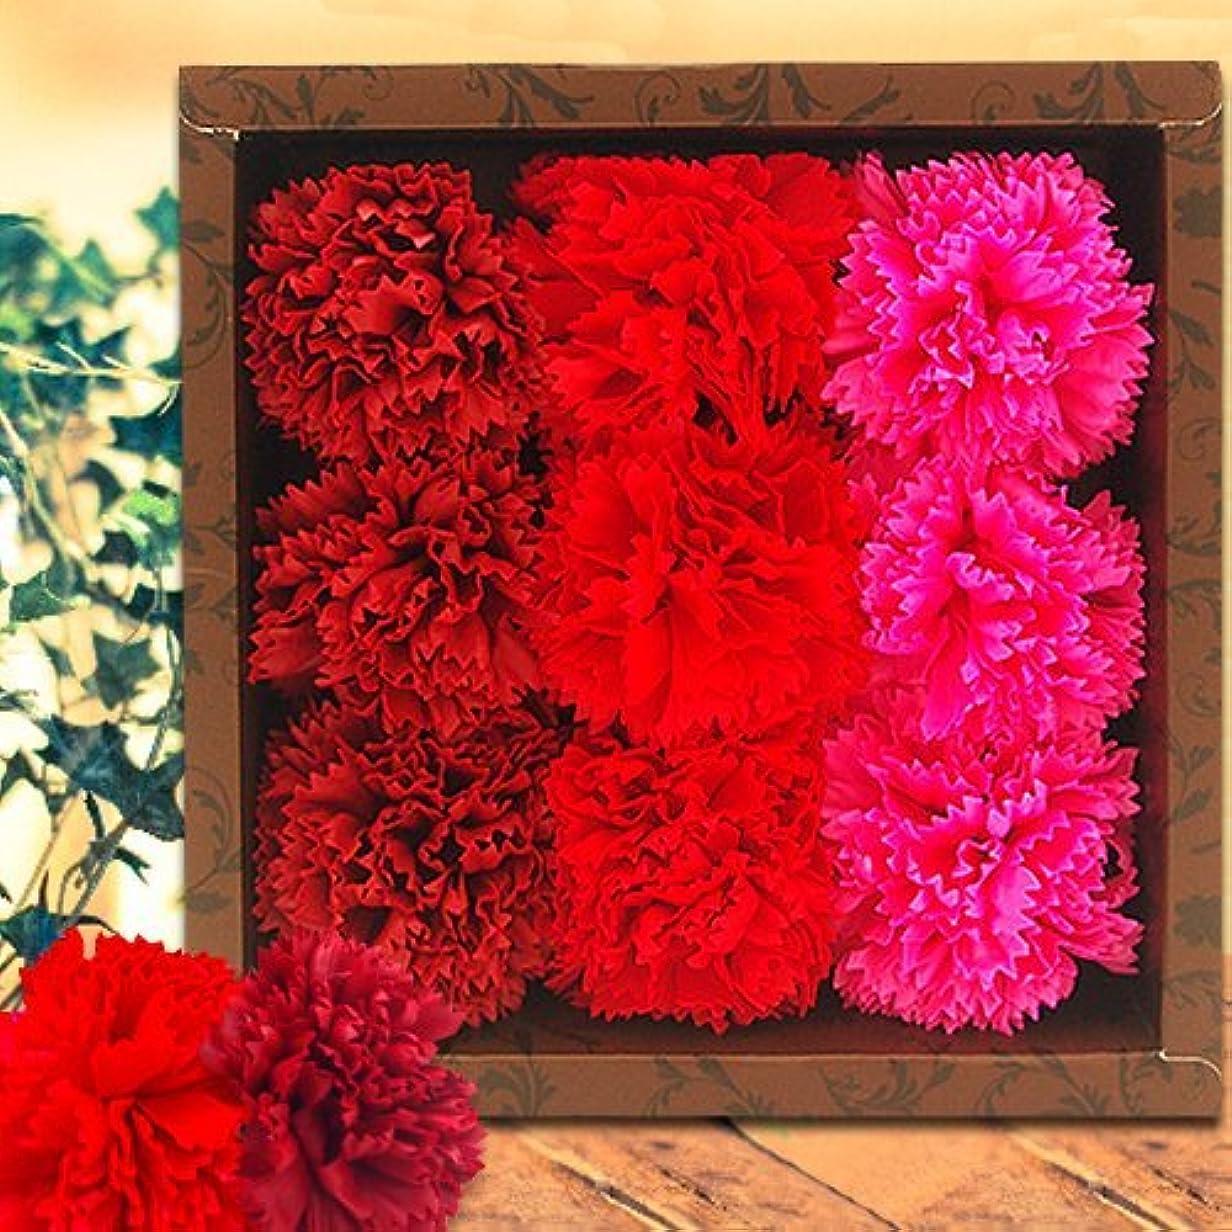 必要とする計画賞フラワーフレグランス(Carnation/Red)